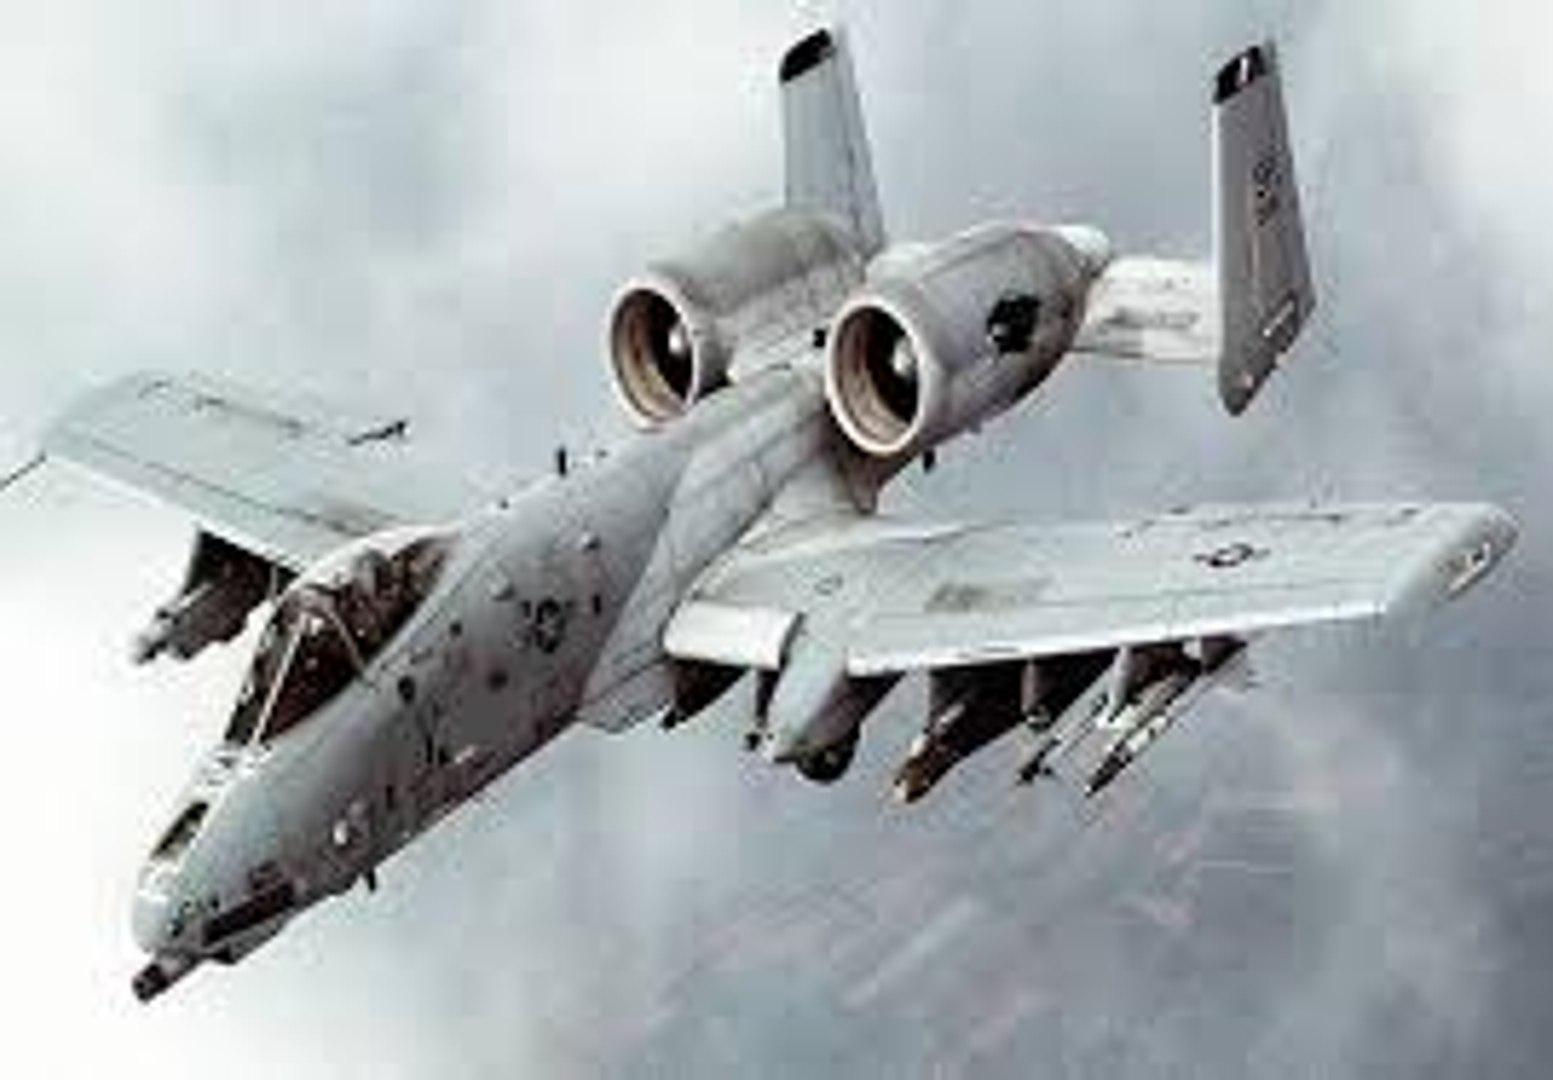 فيلم وثائقي - الطائرات الحربية في الجيش الروسي - HD